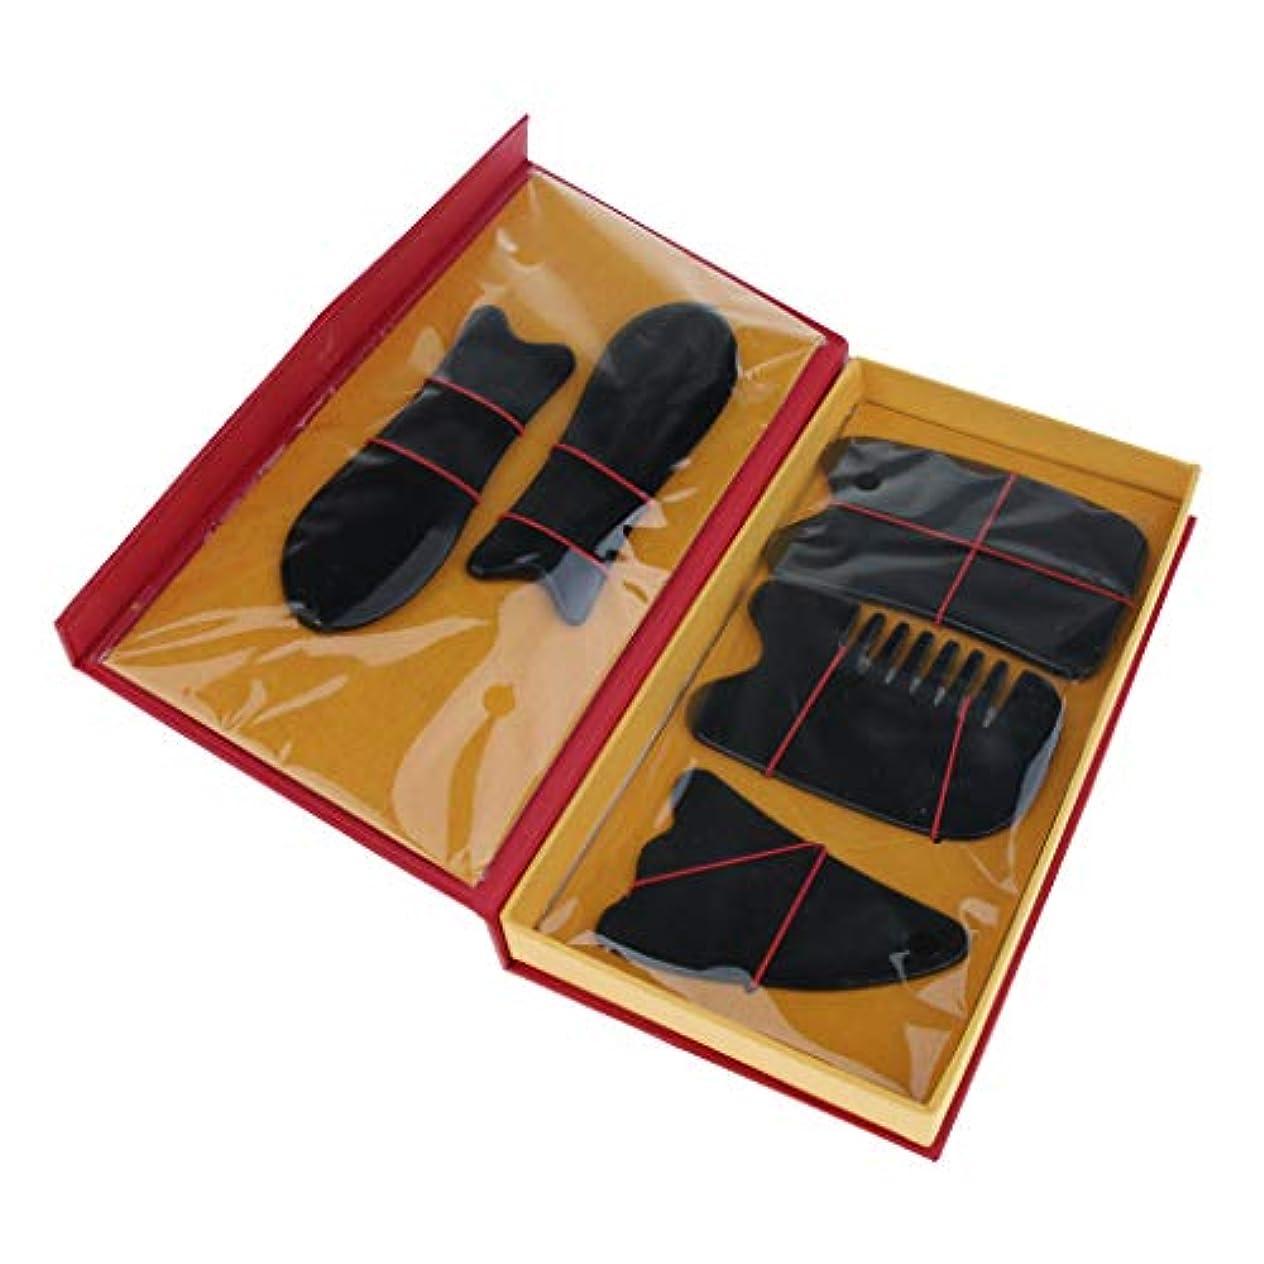 委員会くつろぐディーラー5本セット マッサージボード スクレイピングマッサージ スクレーパーツール 2色選べ - ブラック